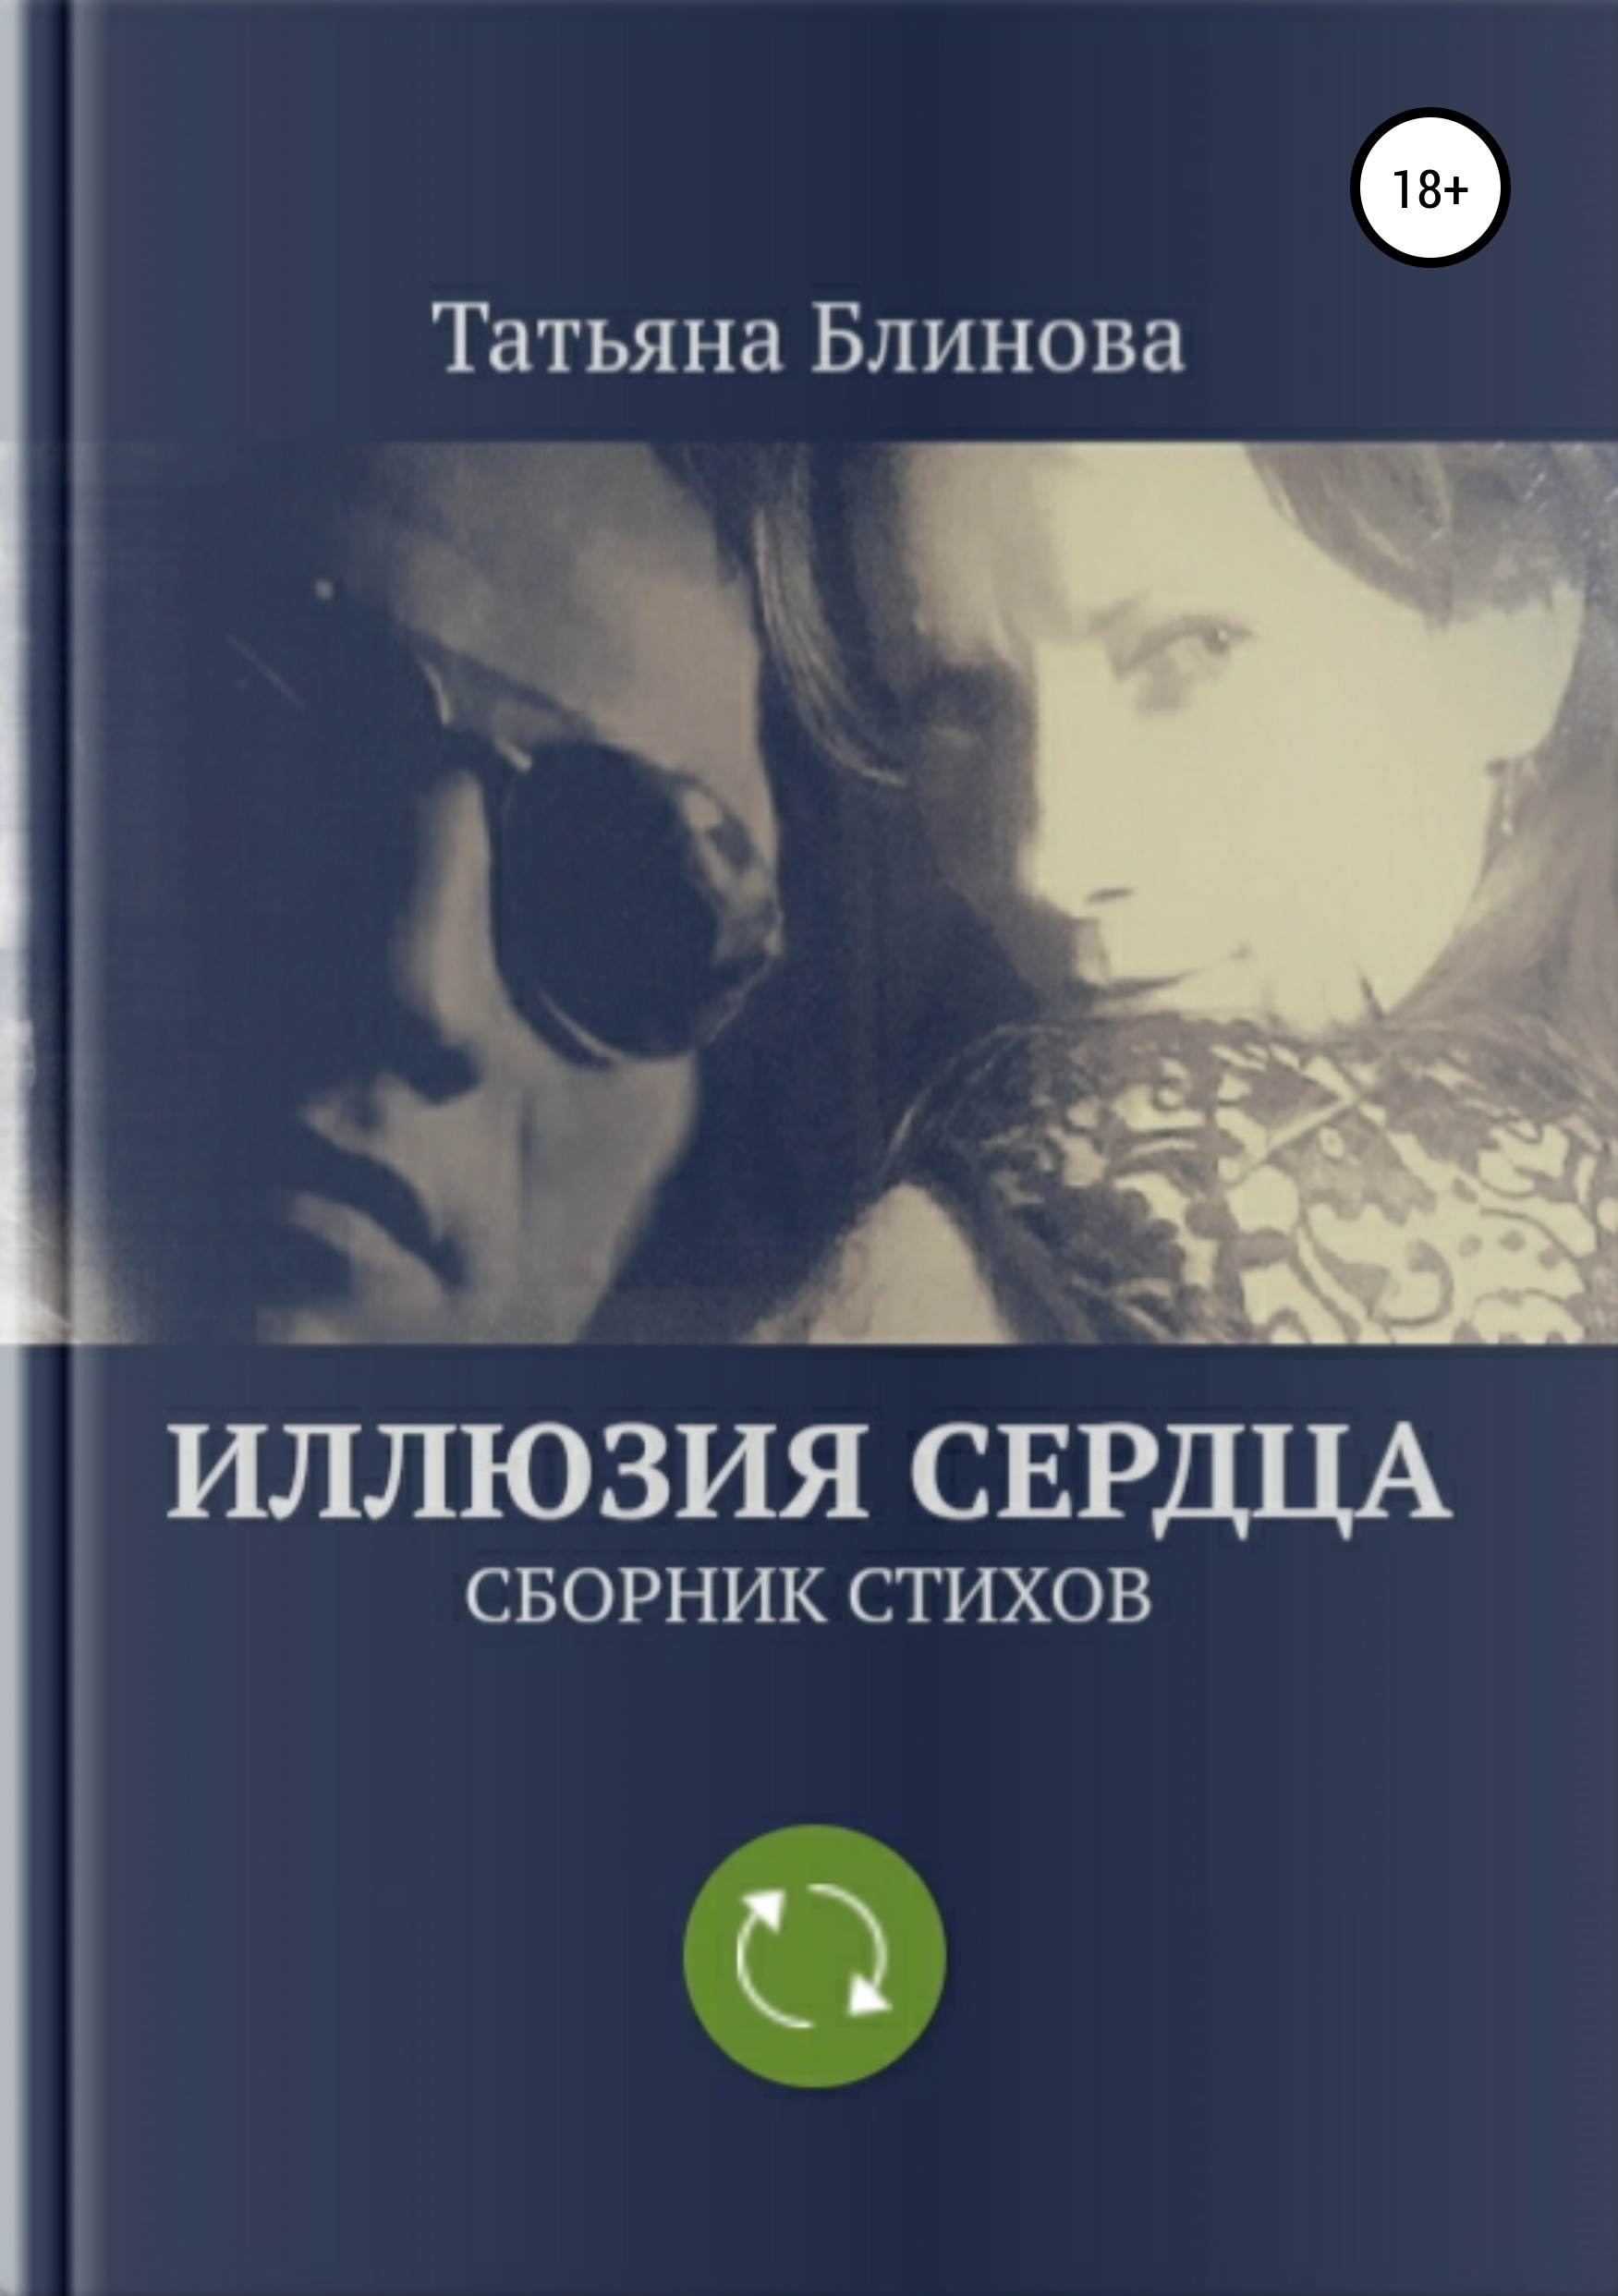 Татьяна Блинова Иллюзия Сердца. Сборник стихов